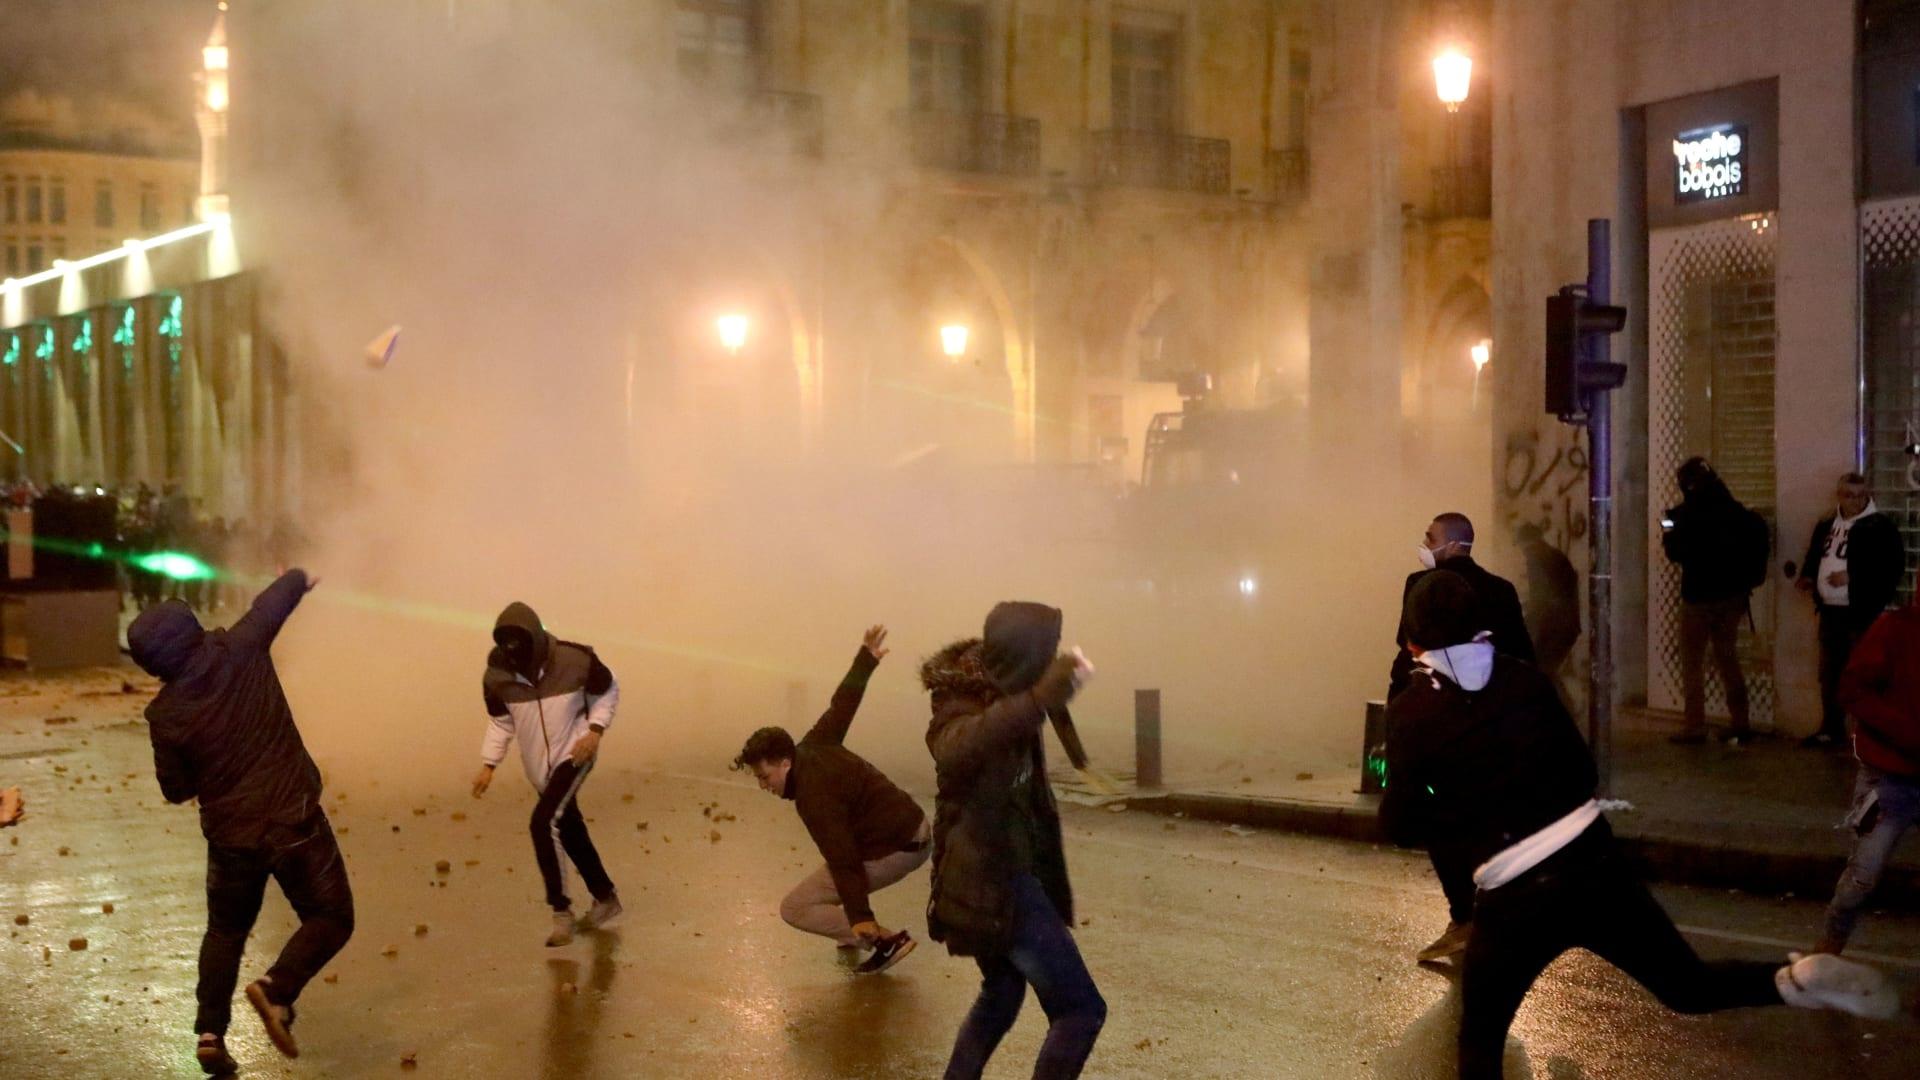 جانب من المواجهات العنيفة بين المحتجين وقوى الأمن اللبناني